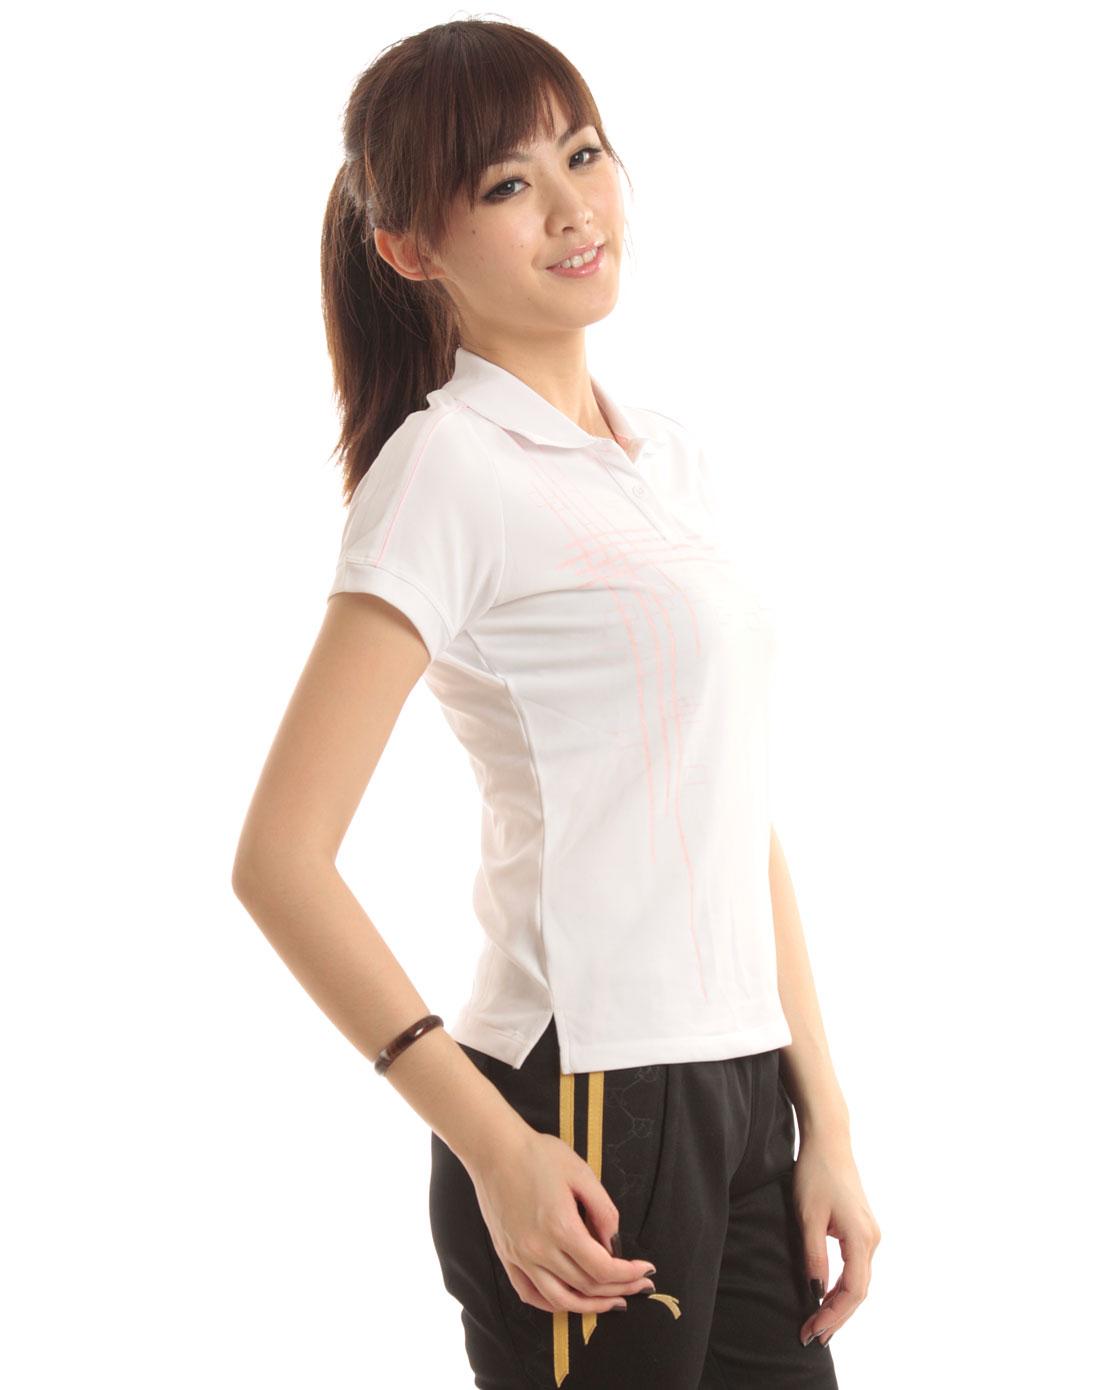 安踏anta男女装混合专场-女款 白/粉色方格短袖polo衫